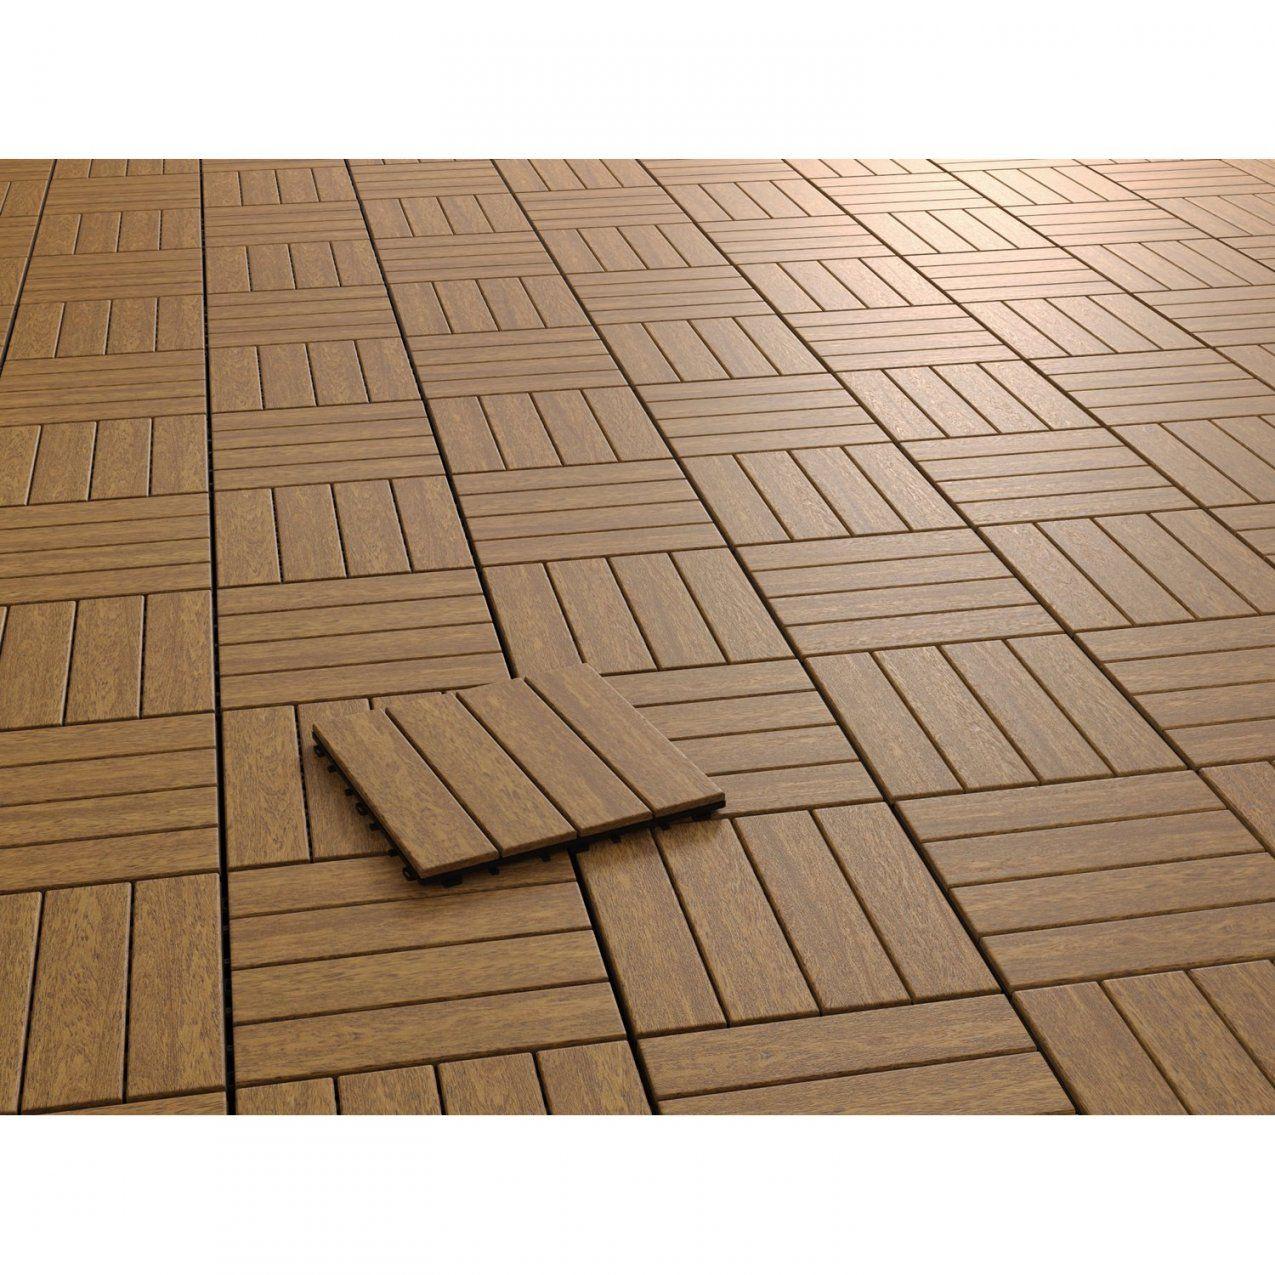 Klickfliese Holz Cumaru 6 Stück 30 Cm X 30 Cm X 25 Cm Kaufen Bei Obi von Wpc Fliesen Günstig Kaufen Bild